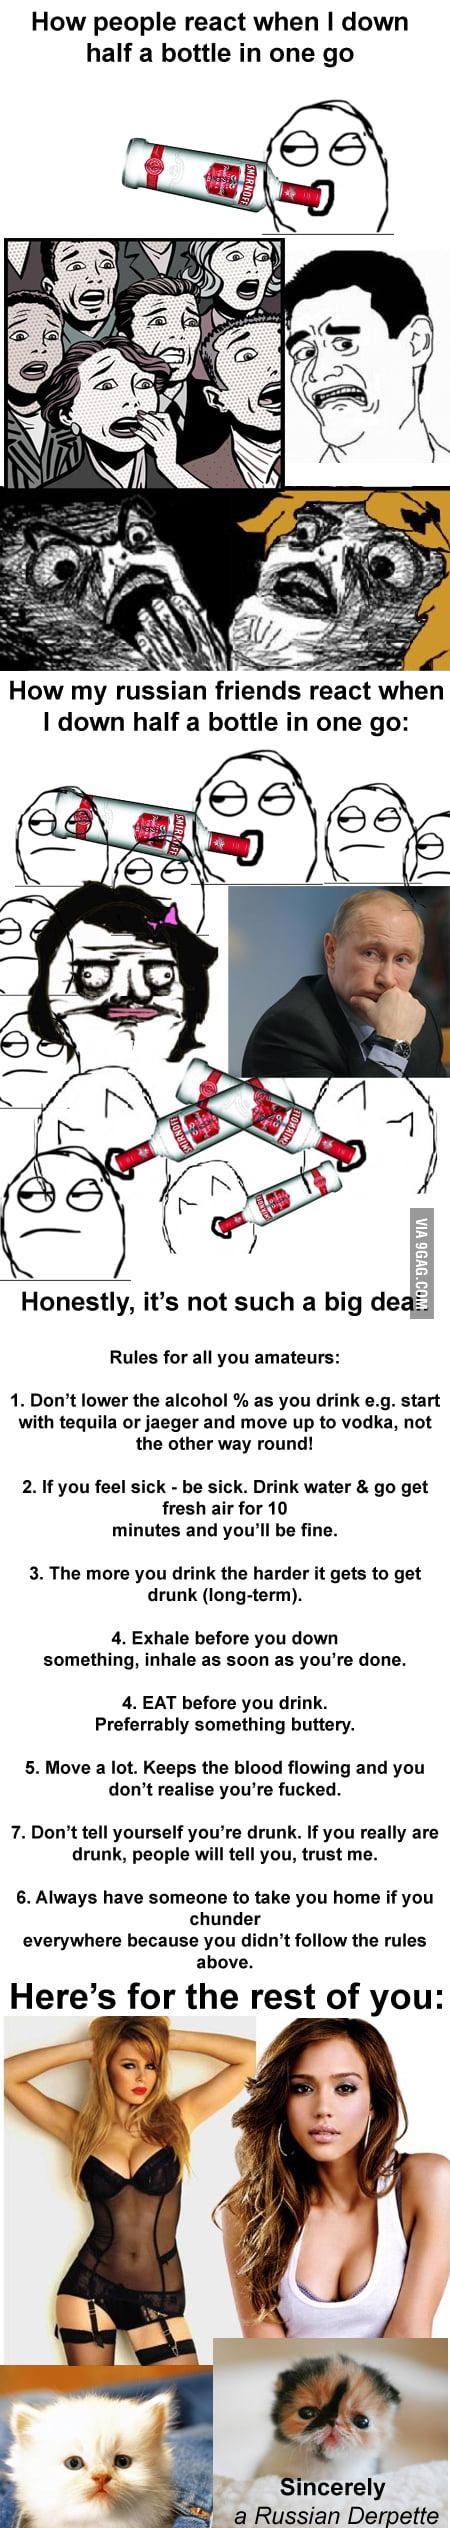 Научитесь уже пить, стыдно